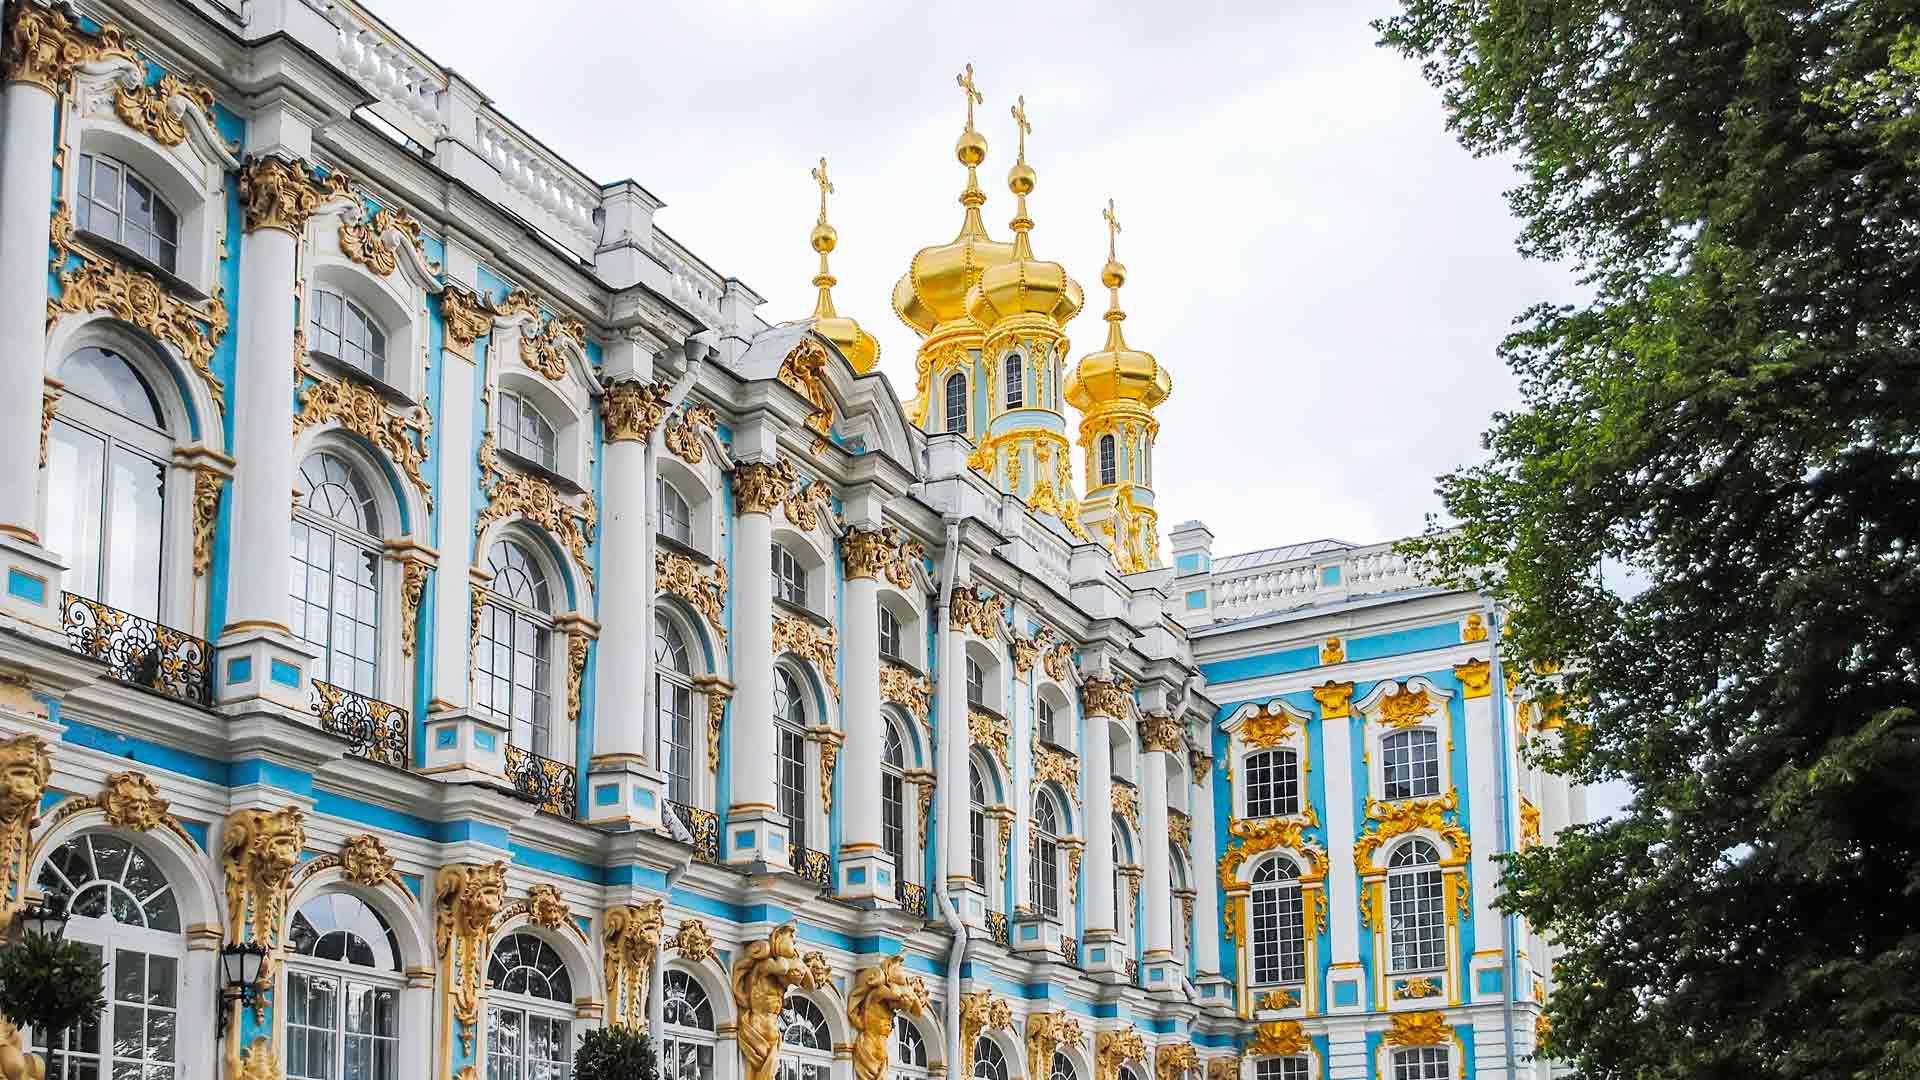 Katariinan palatsia ympäröivät ranskalaistyyliset puistopuutarhat. Palatsin kuuluisin tila on Meripihkahuone.